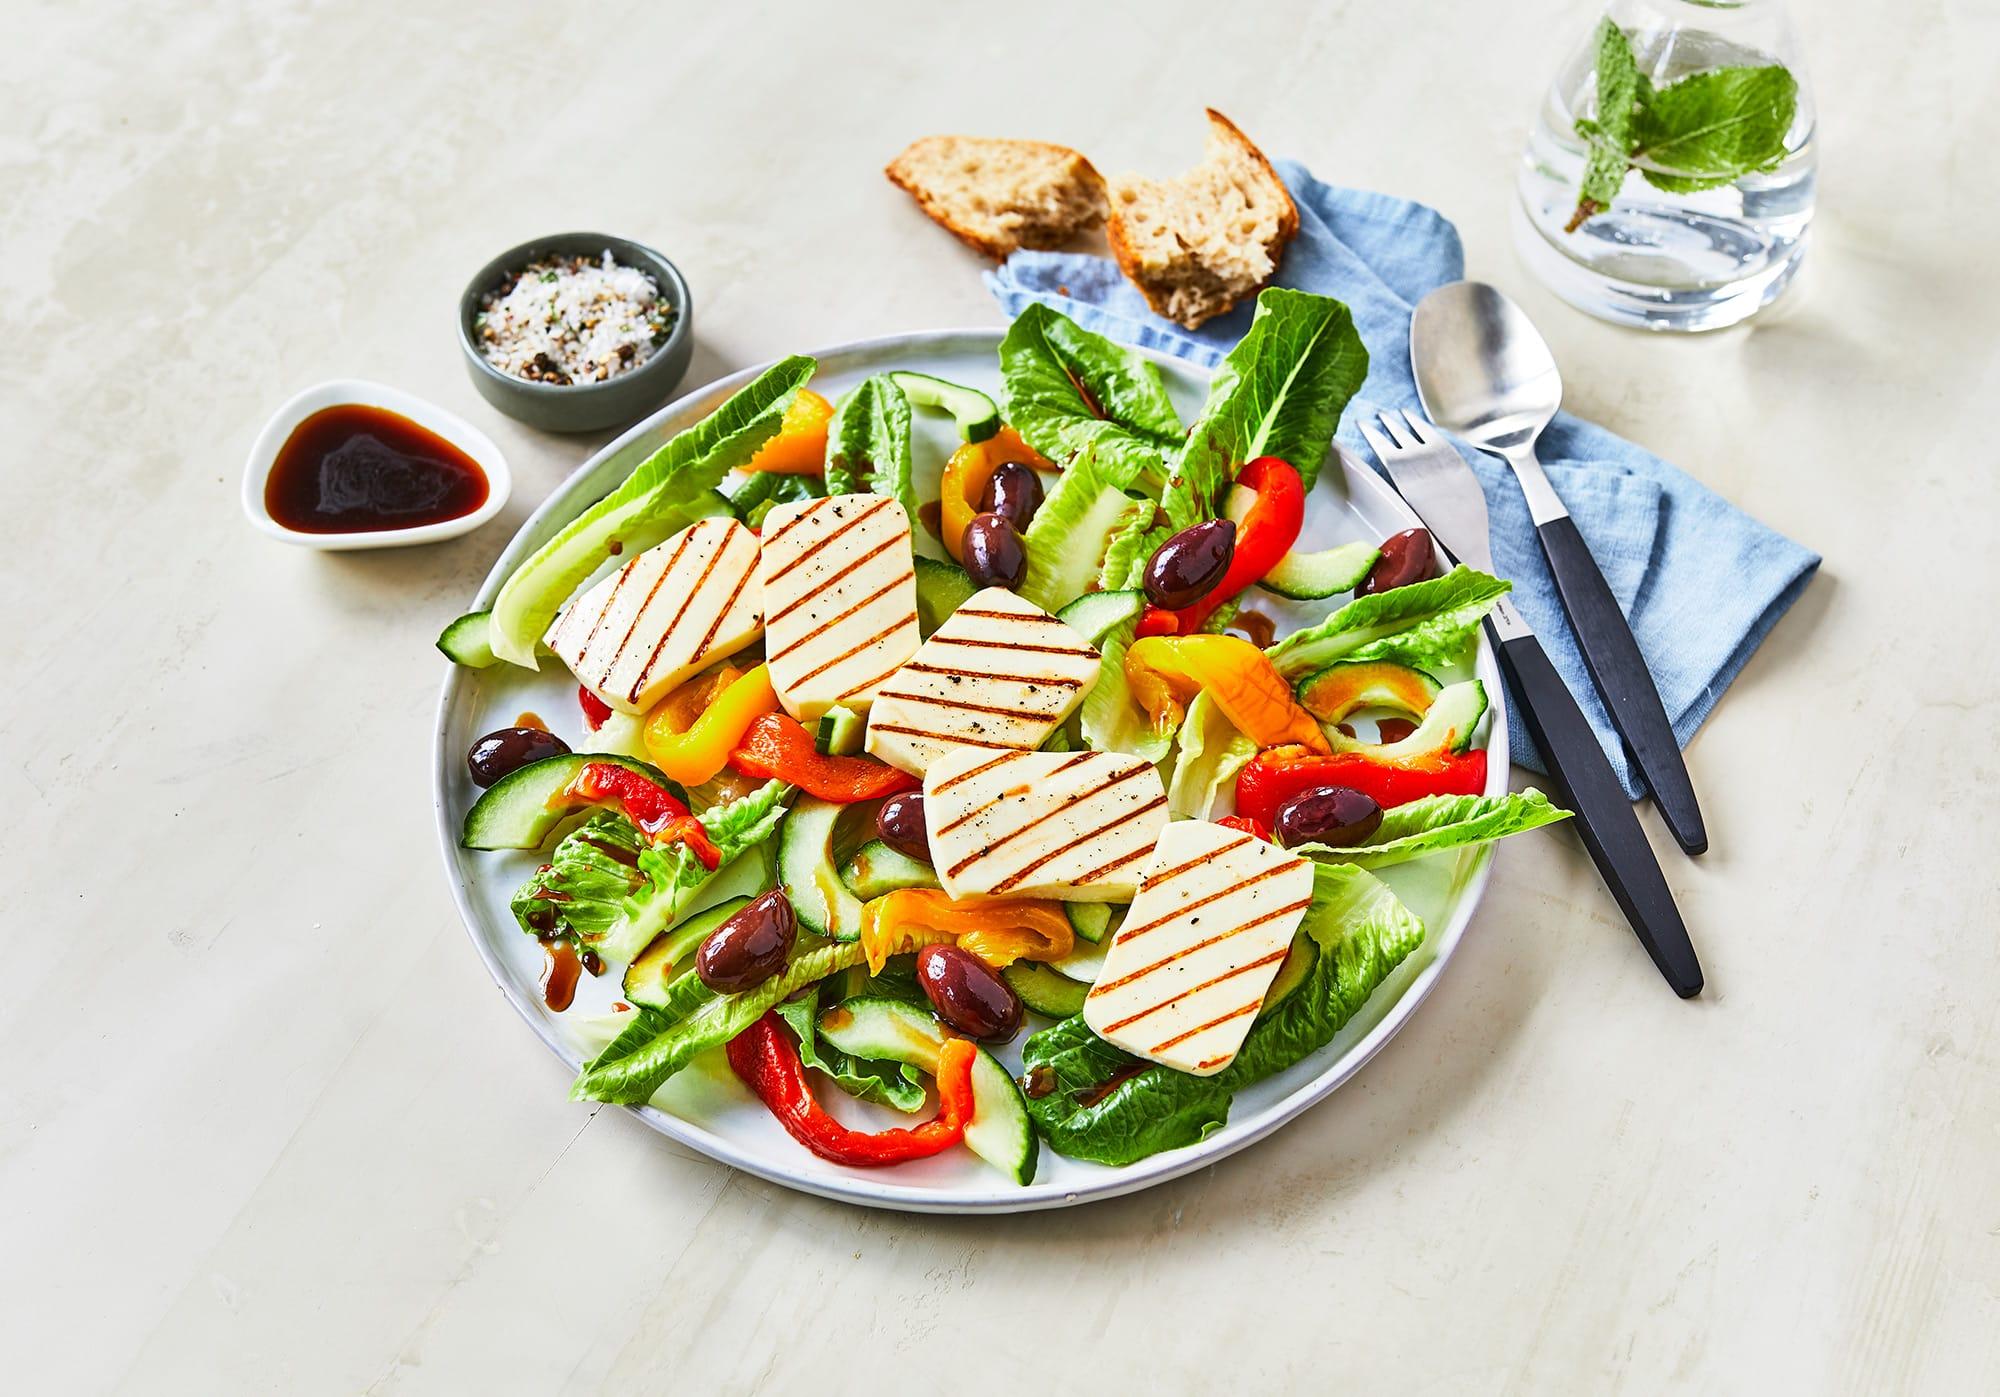 Opskrift På Græsk Salat Med Ristede Peberfrugter Og Grillost Taverna